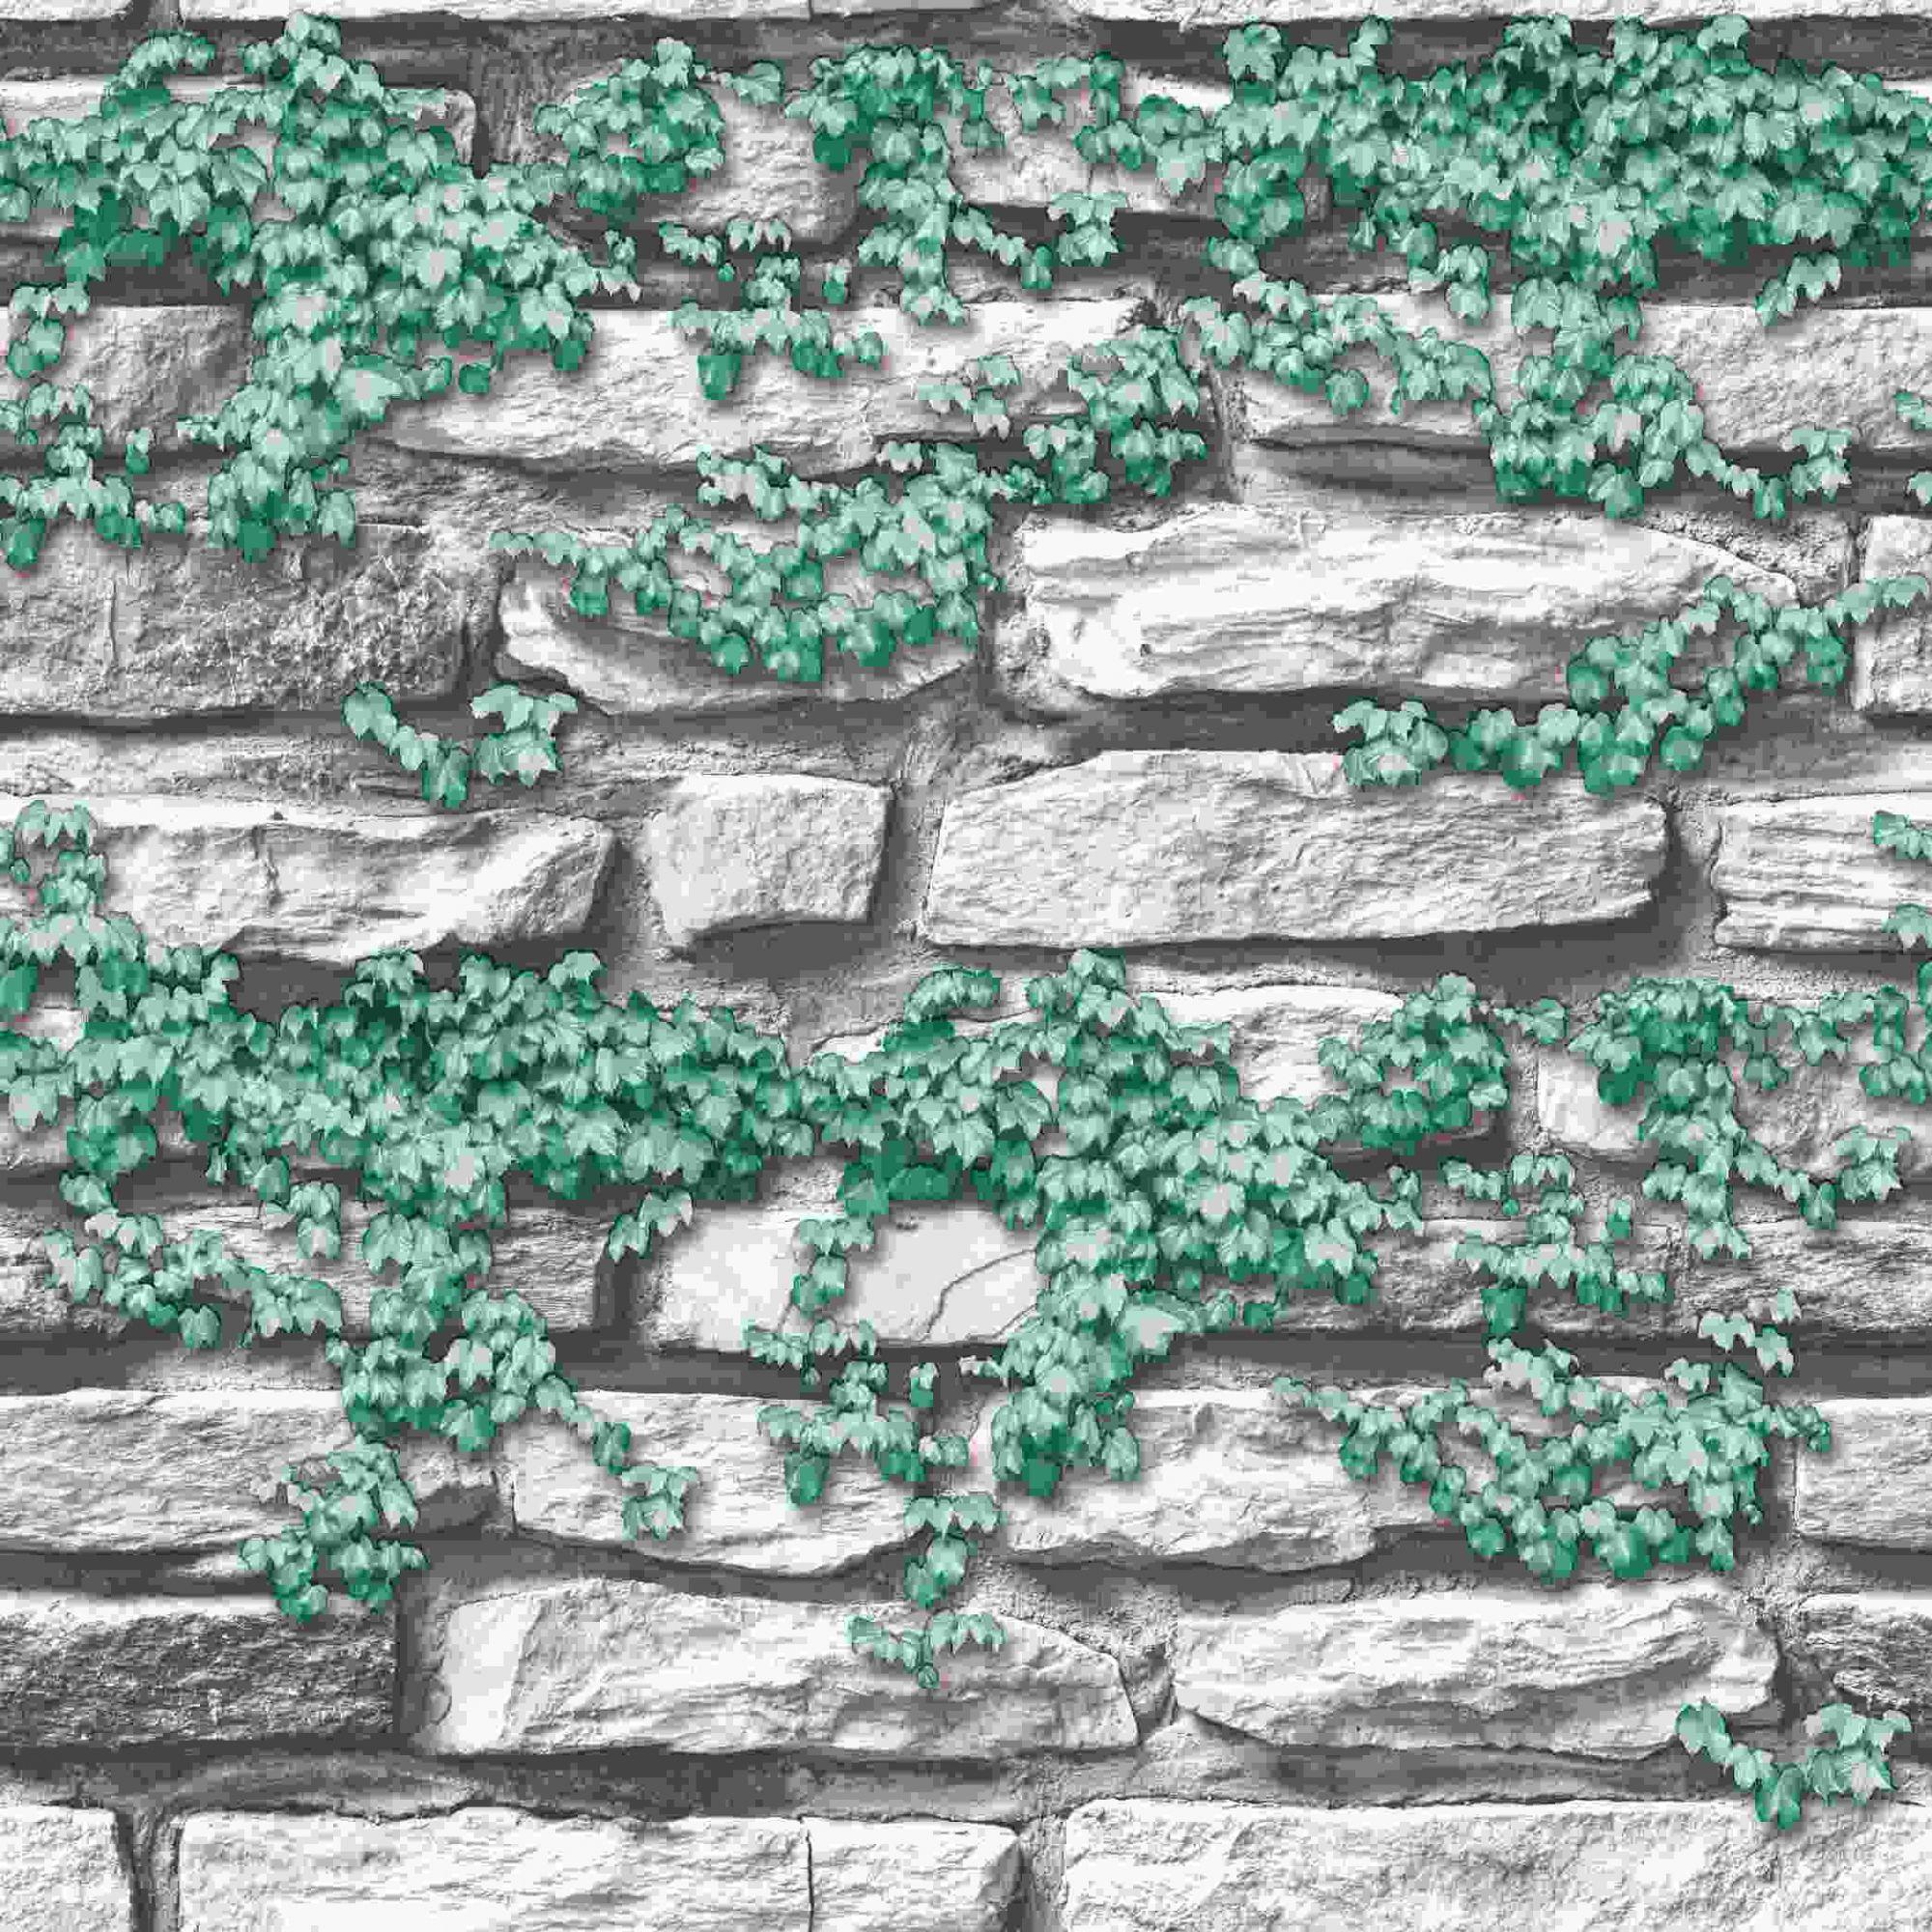 Papel de Parede Kan Tai Vinílico Coleção Neonature 5 Pedra Cinza, Creme, Folhagem Verde